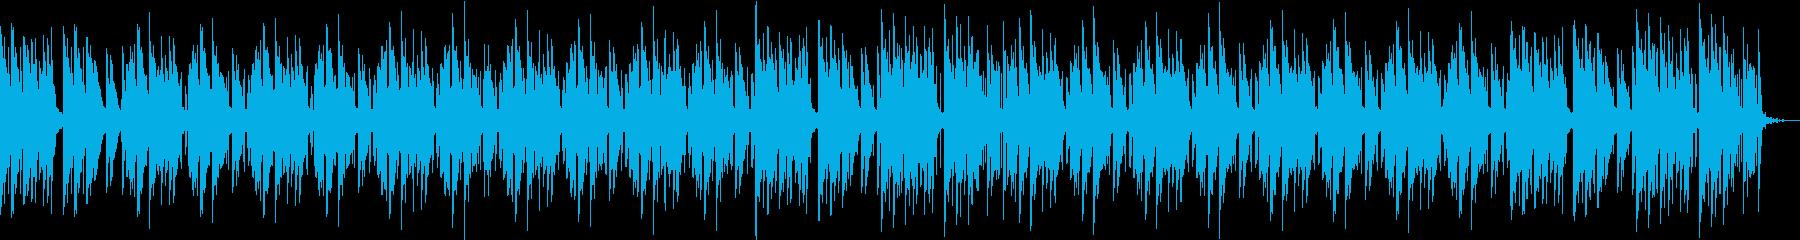 哀愁感・オープニング・秋・ヒップホップの再生済みの波形